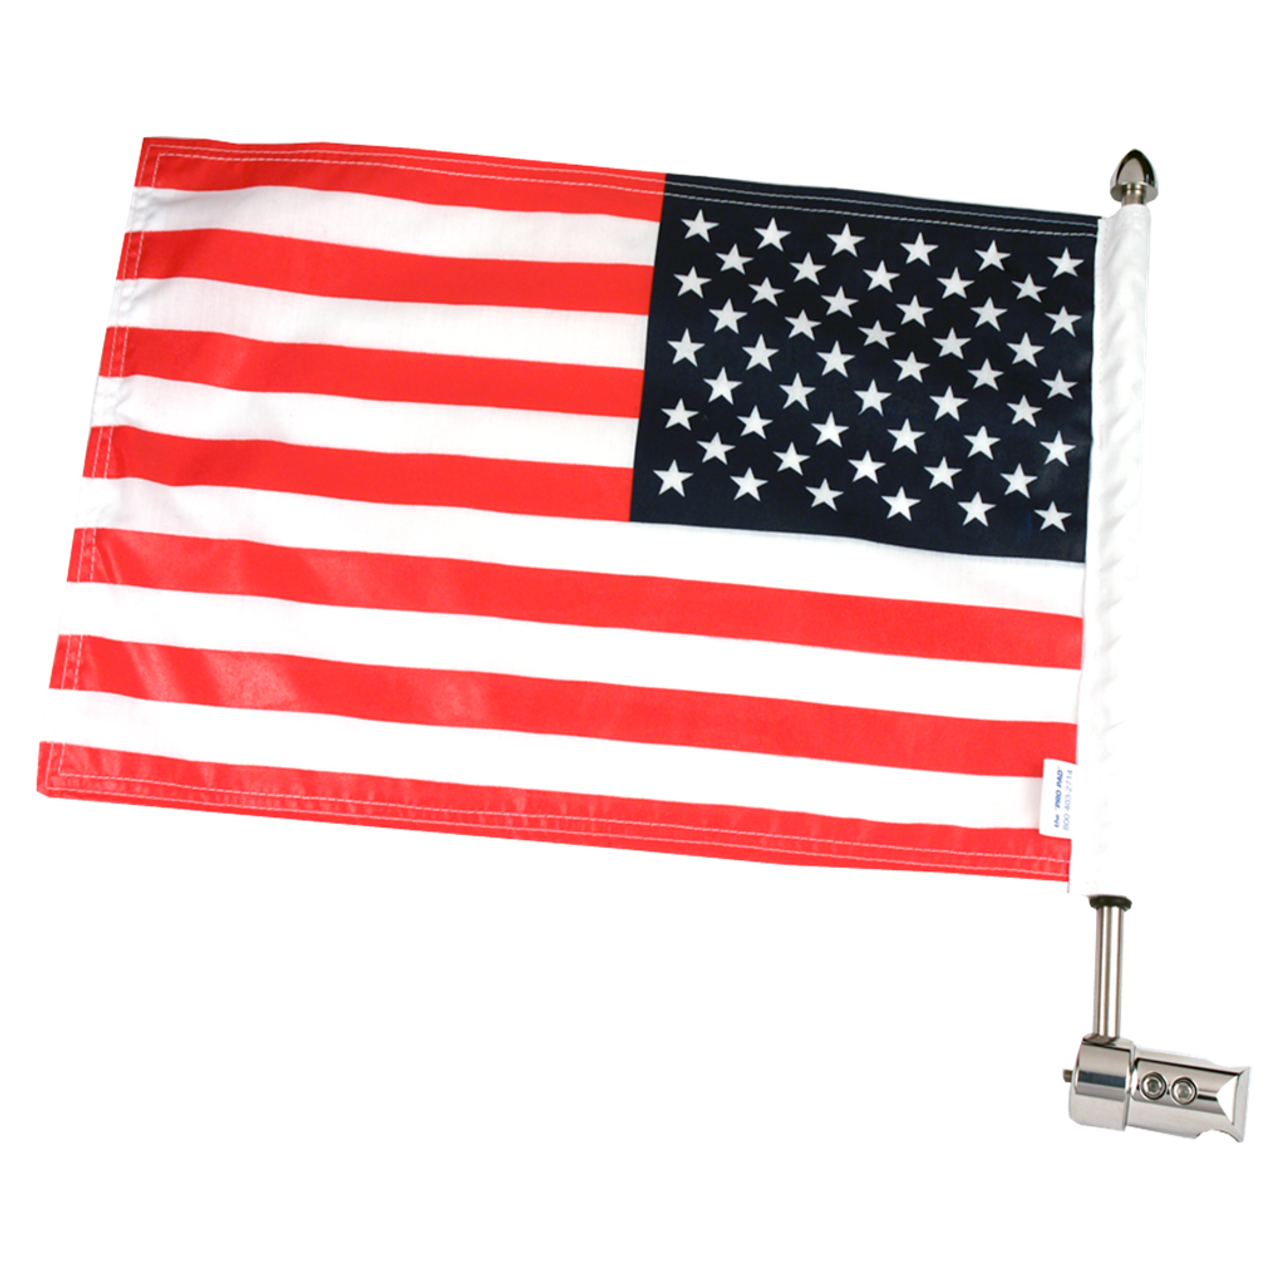 RFM-RDSB515 with 10x15 USA Parade flag